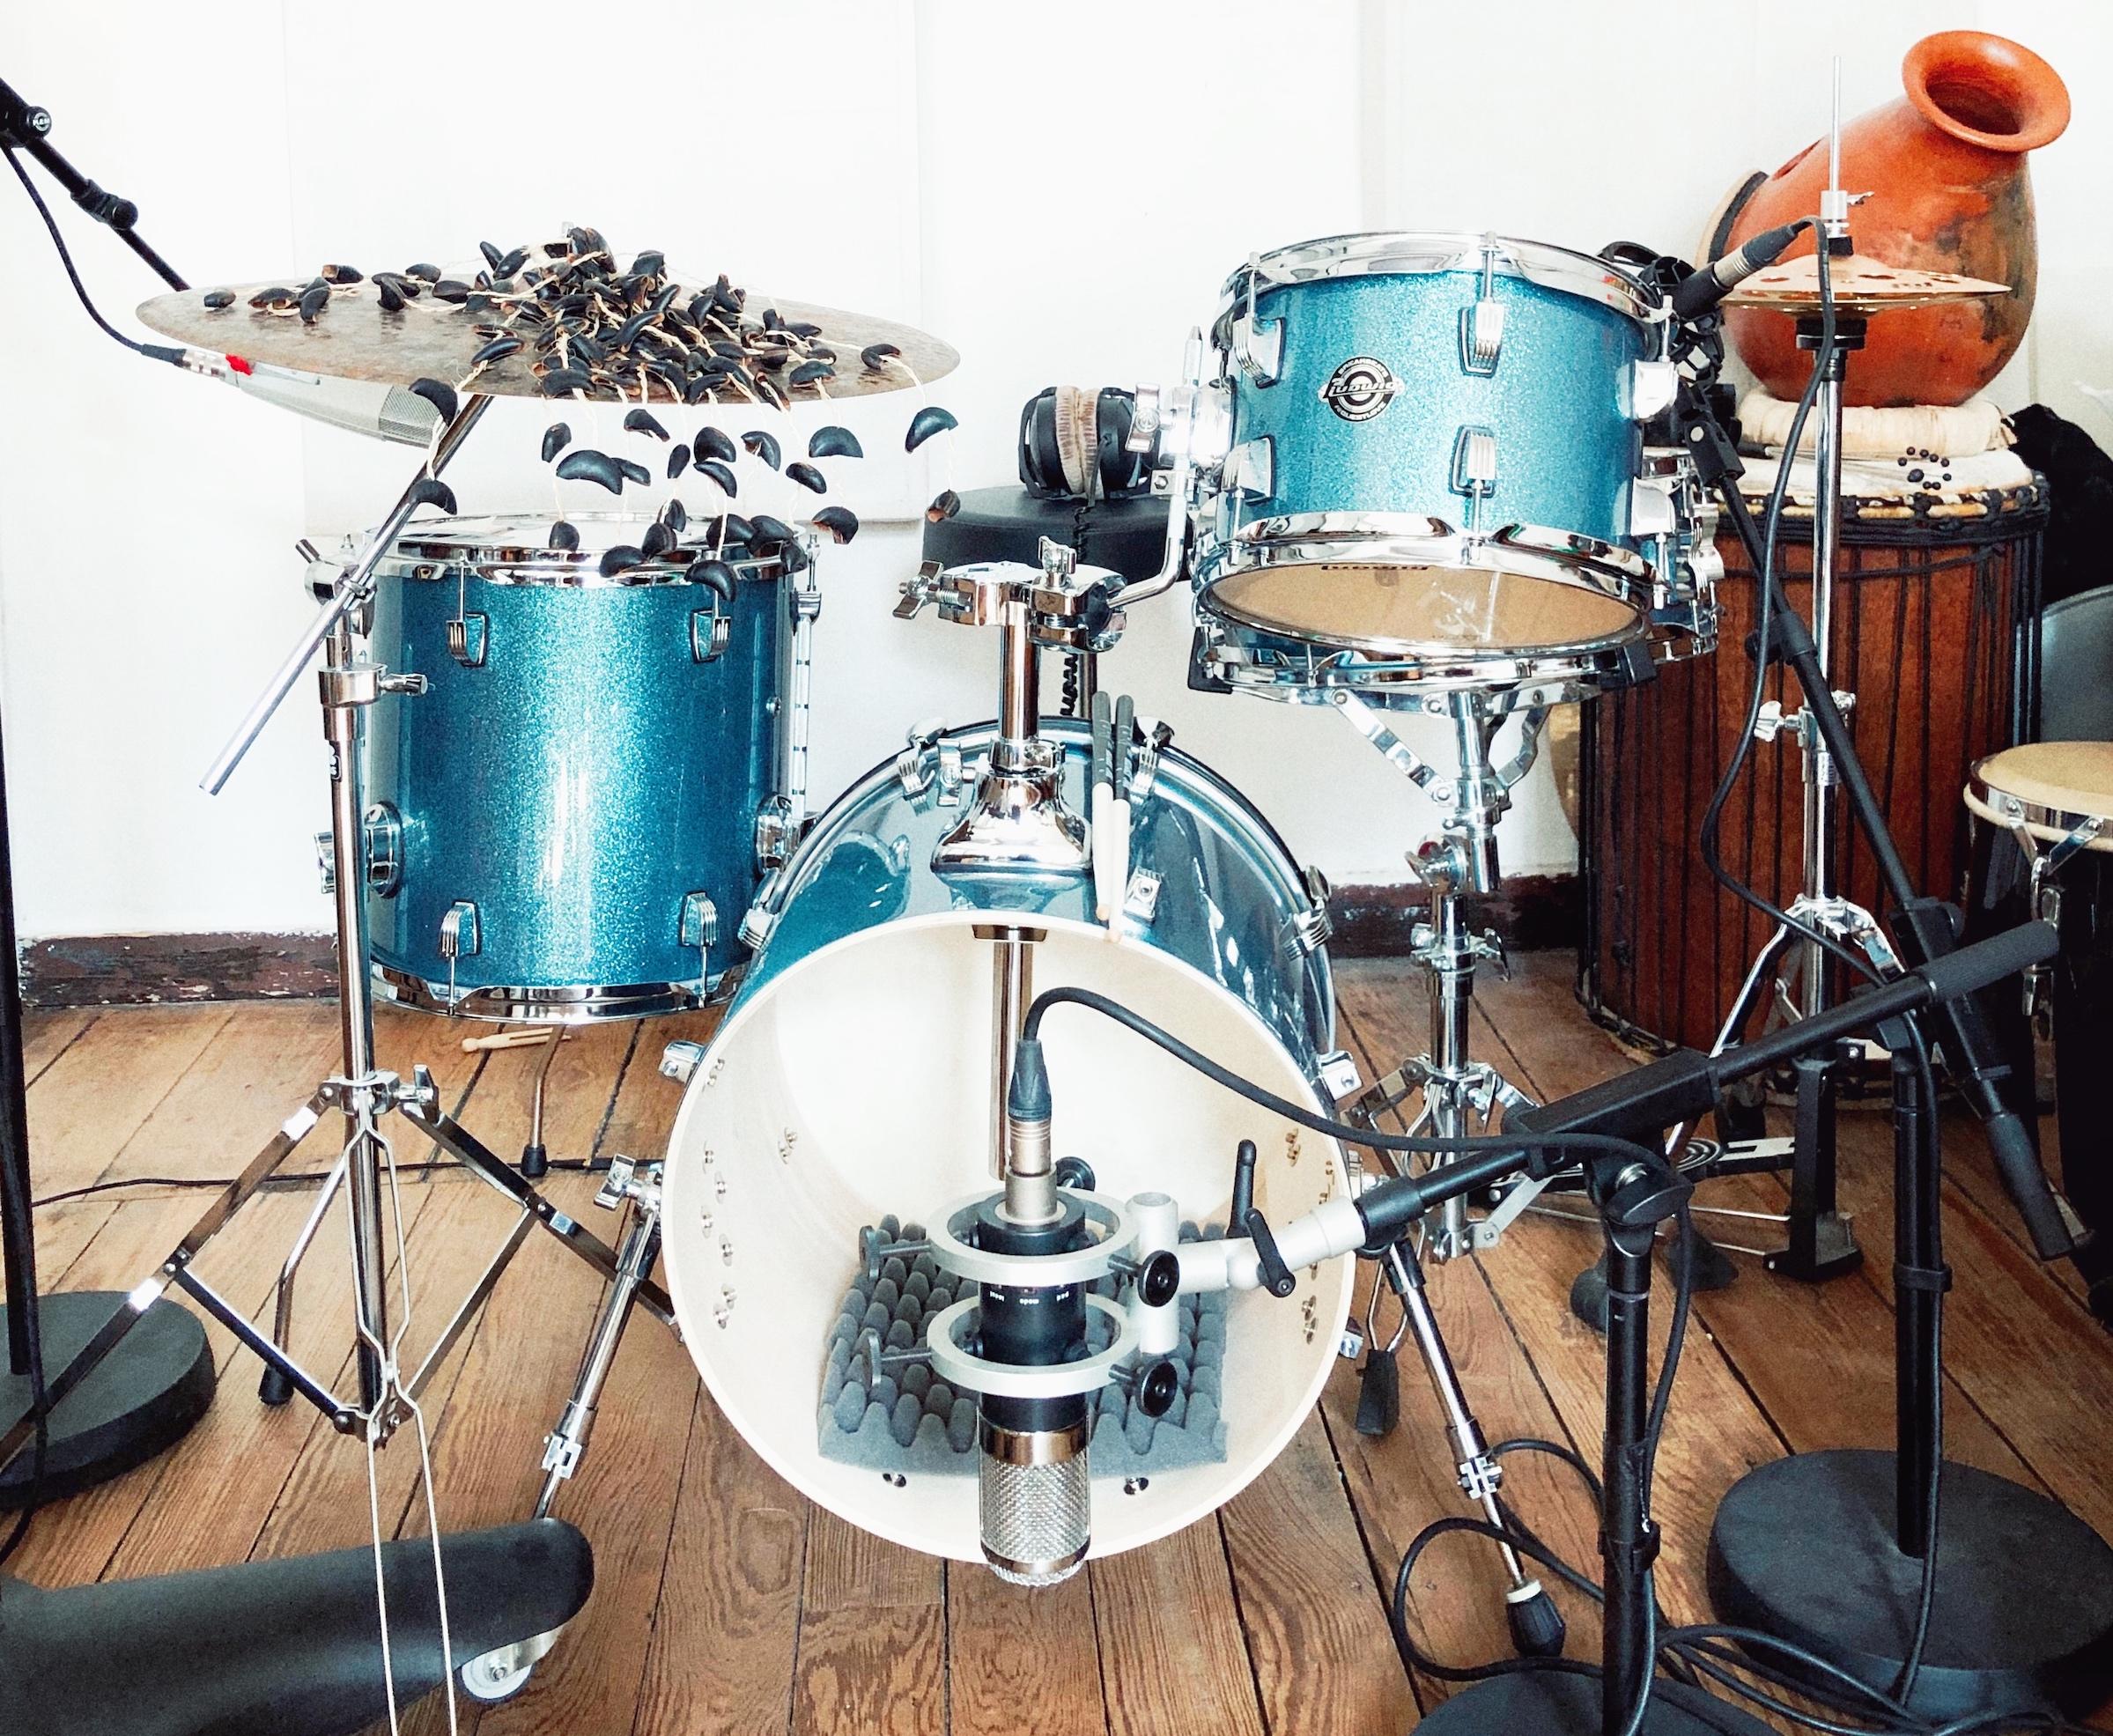 Johannes Brecht drums